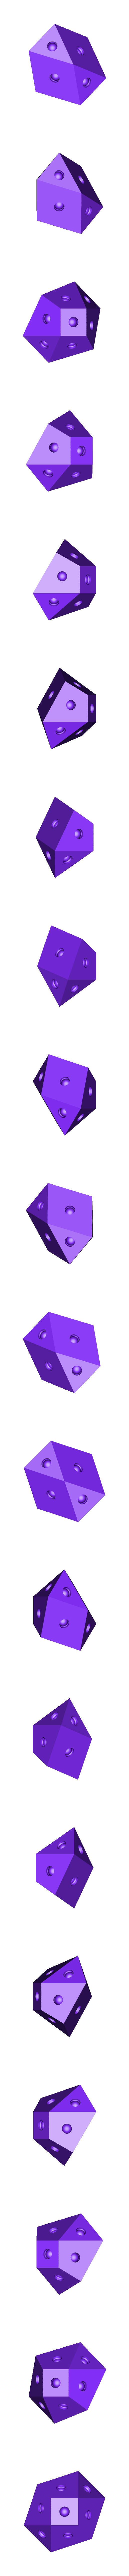 Bisymmetric_Hendecahedron_5mm_v1-0.STL Télécharger fichier STL gratuit Hendécaèdres Bisymétriques Magnétiques Bisymétriques • Objet pour impression 3D, WalterHsiao